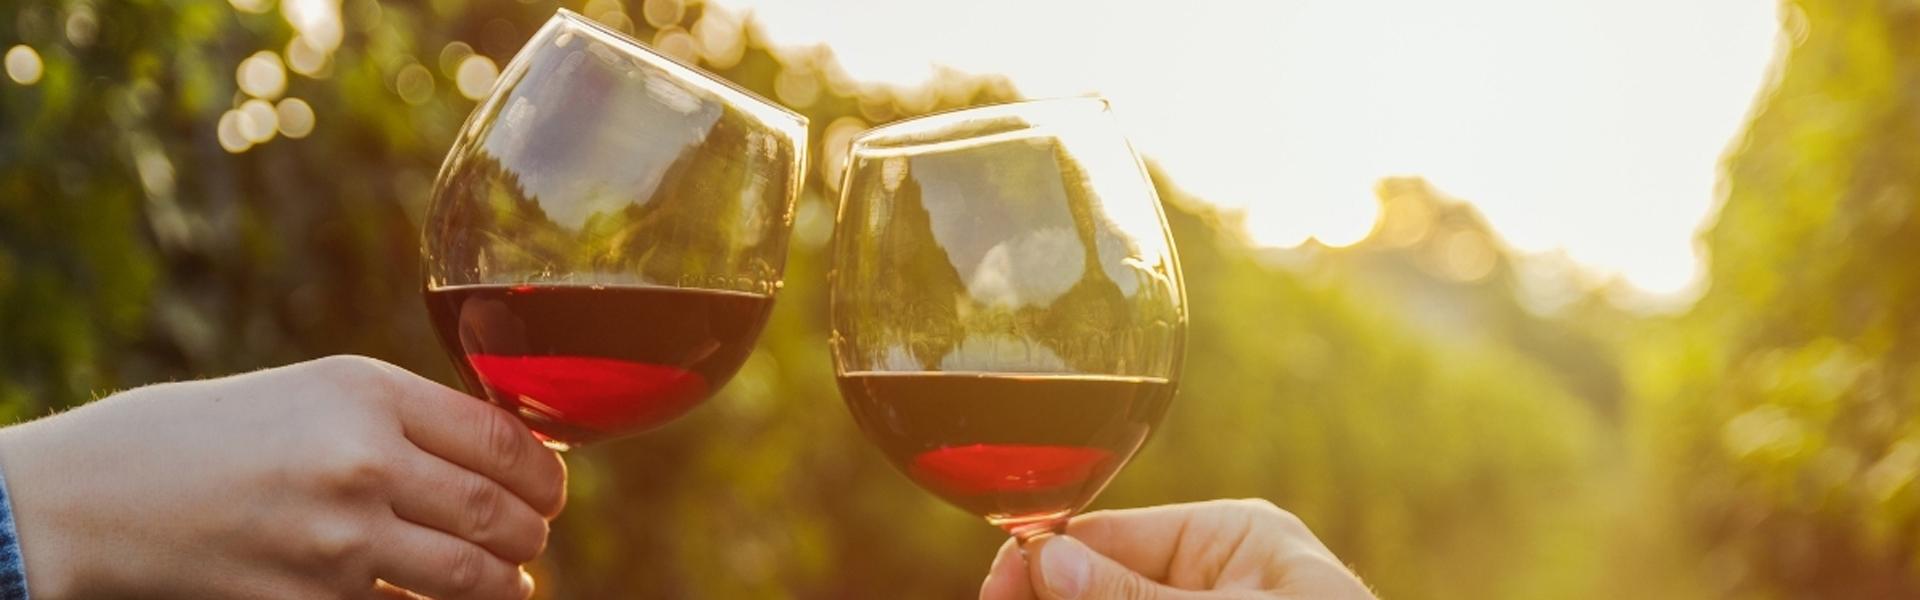 calici di vino rosso in vigna